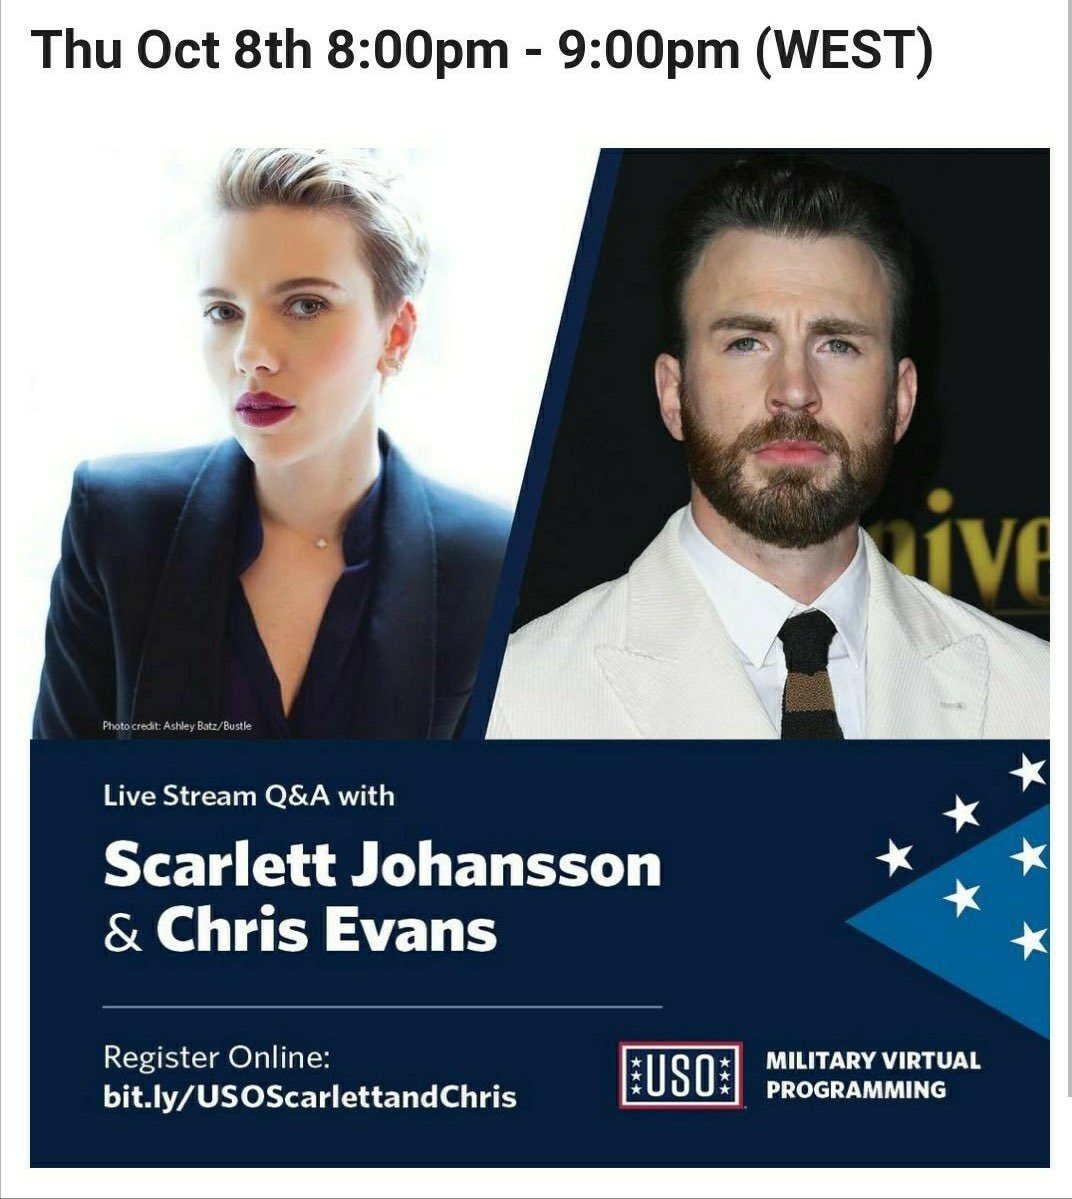 Scarlett participará de uma live da USO com o Chris Evans no dia 8 de Outubro, às 22h (Horário de Brasília) para discutir algum assunto que eu não poderia me importar menos. Link para se escrever: https://t.co/4LfOxB9ard https://t.co/wODTJKPp83